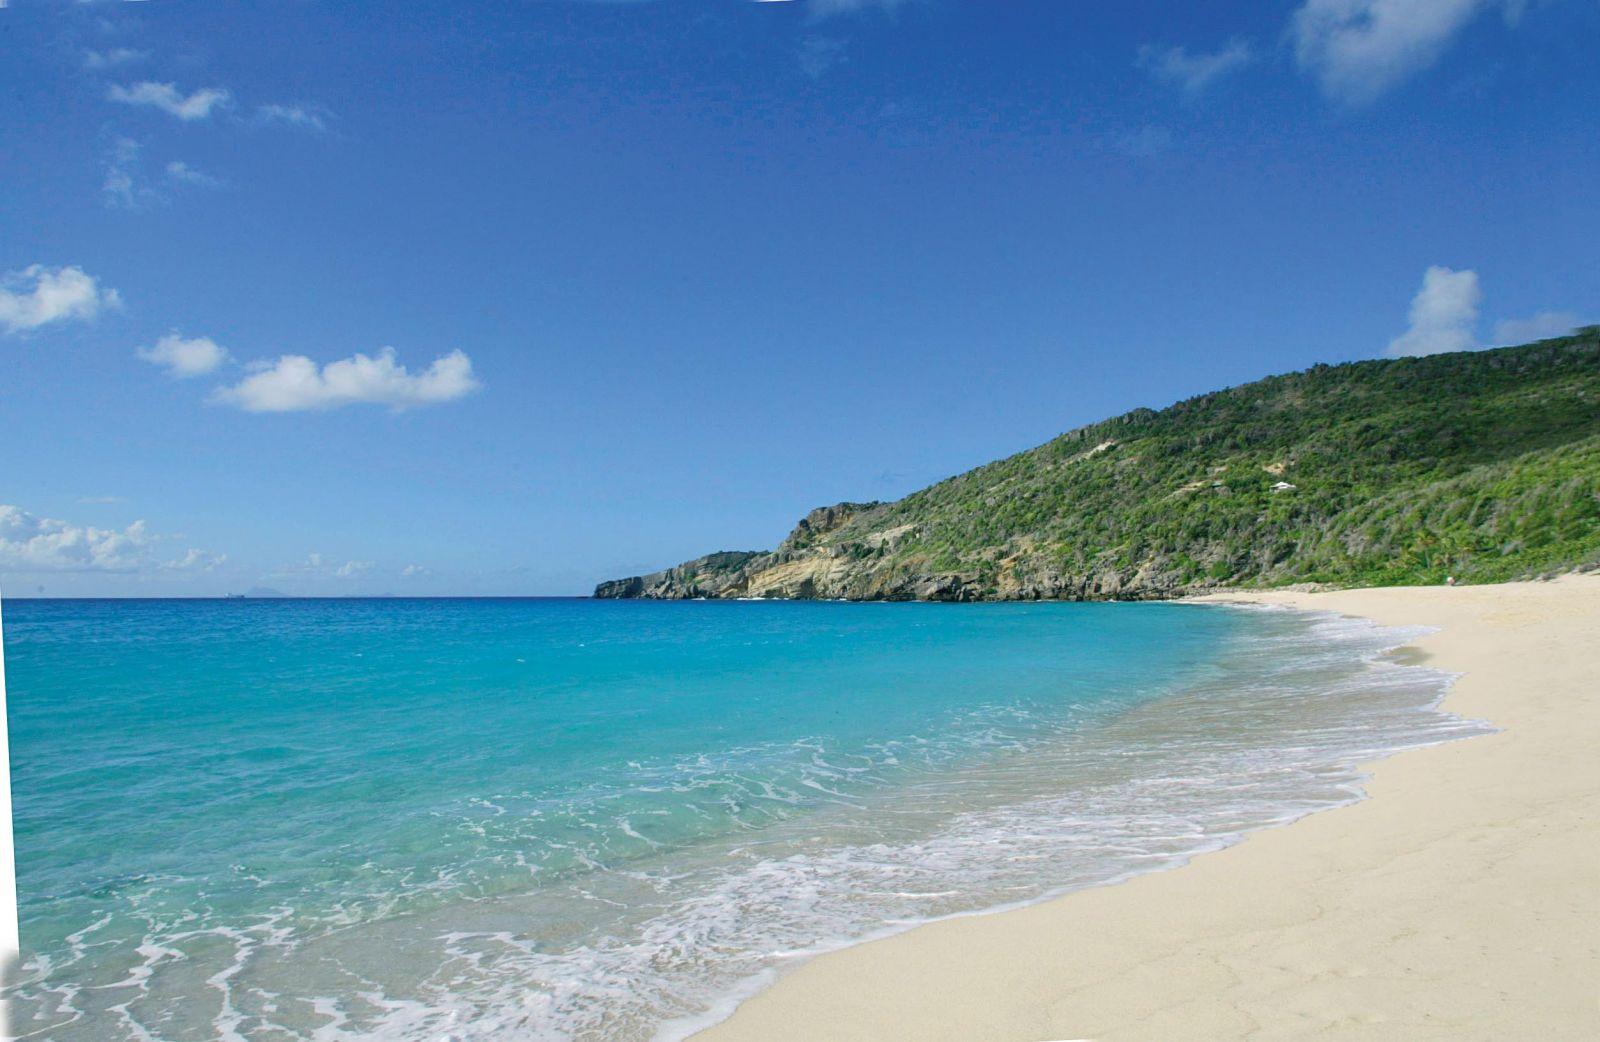 Điểm danh các bãi biển dài và đẹp nhất Việt Nam